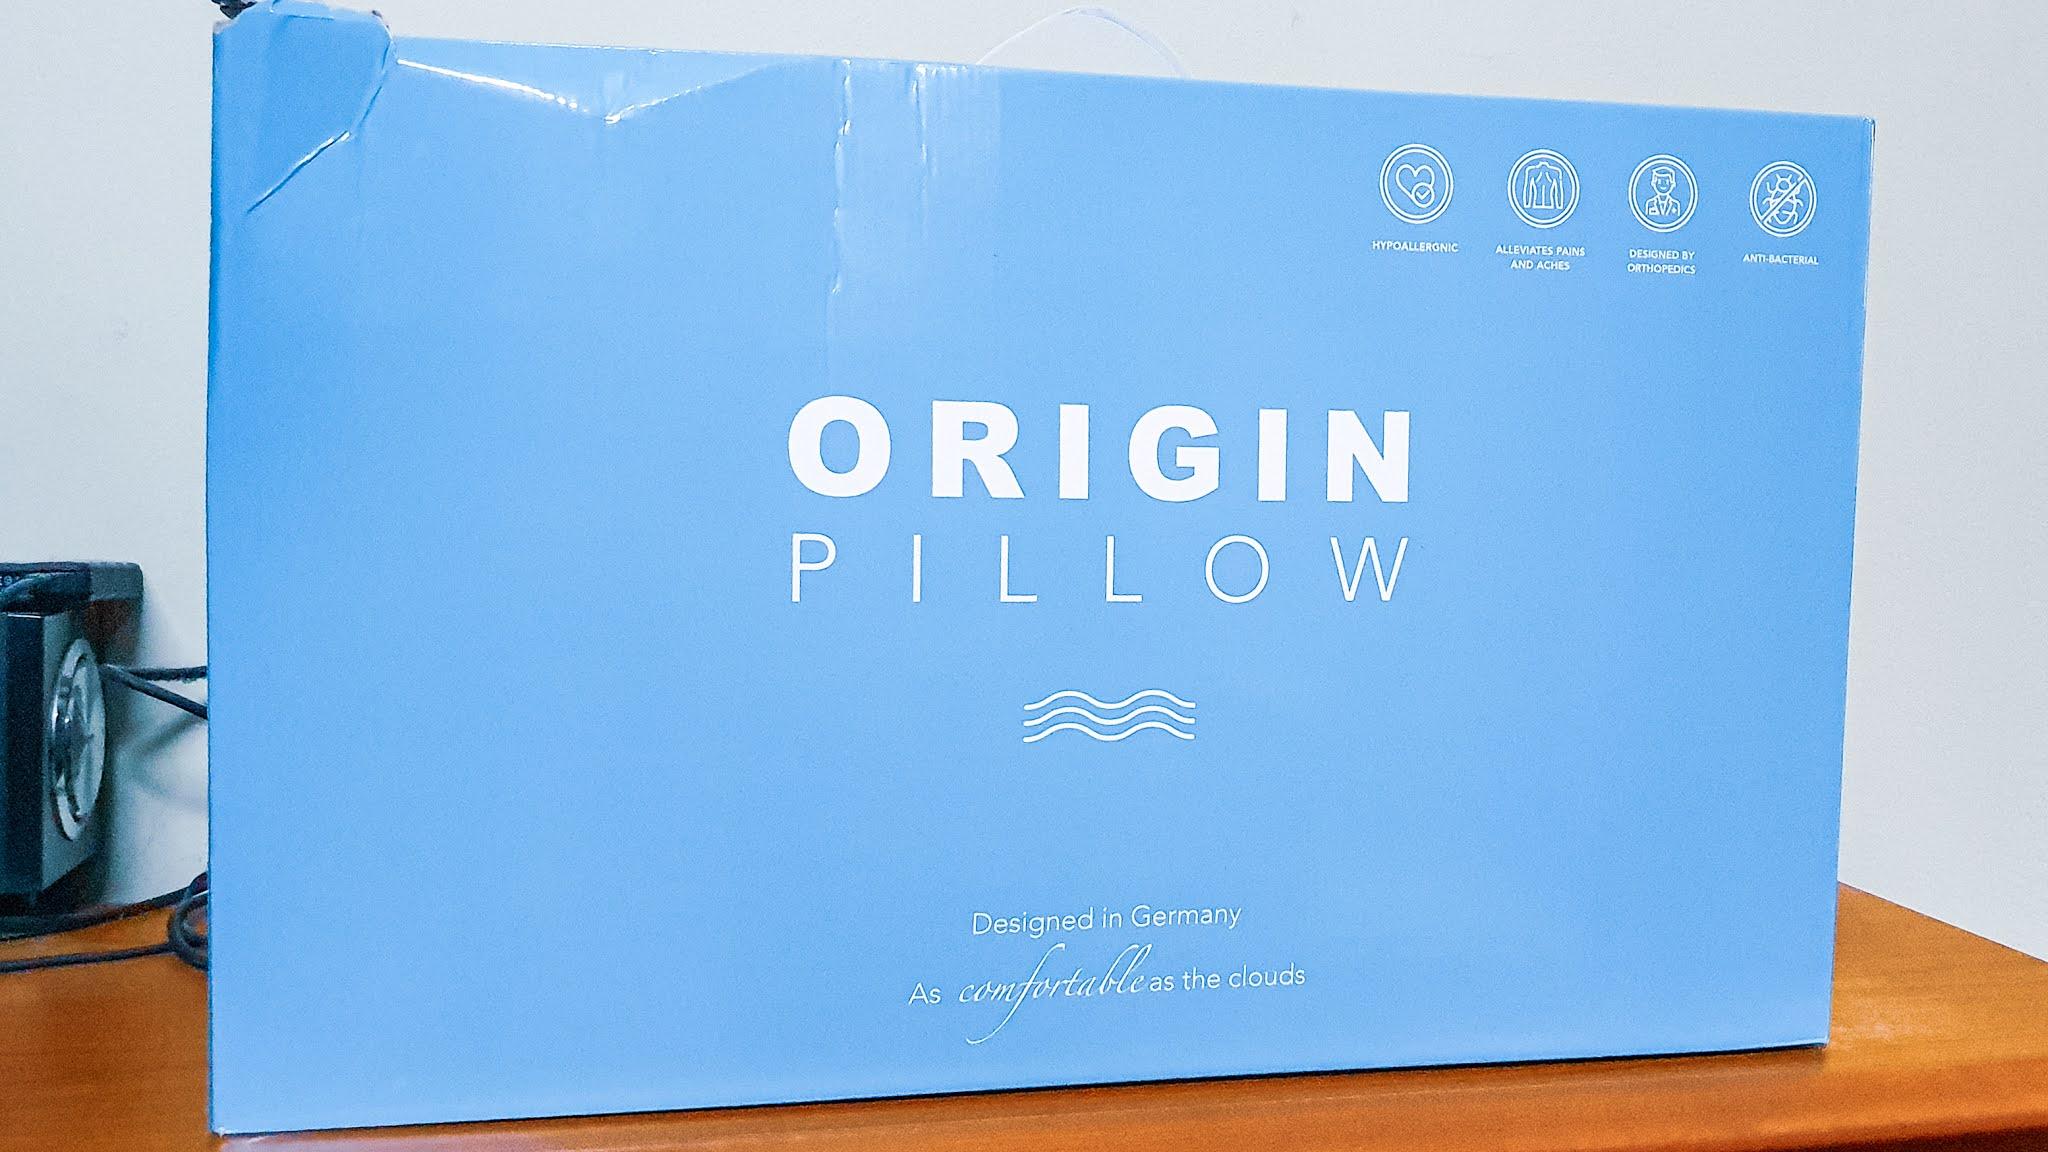 Origin Mattress pillow arrives in a big blue box